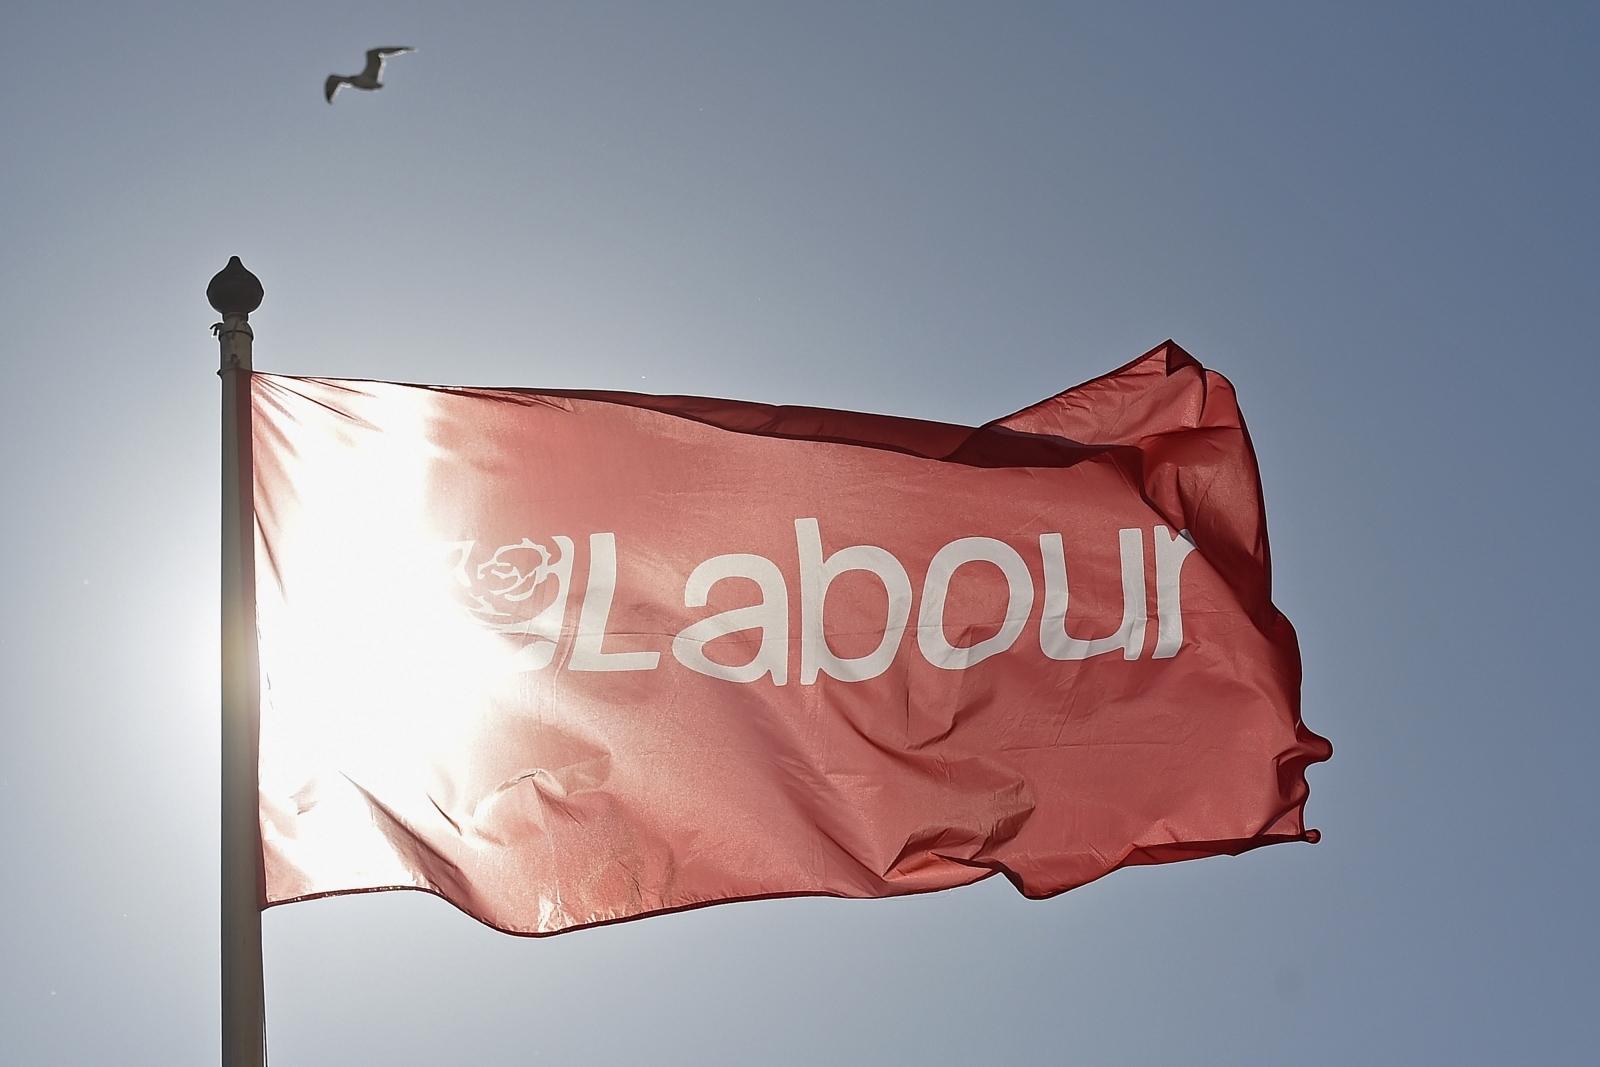 Labour party flag